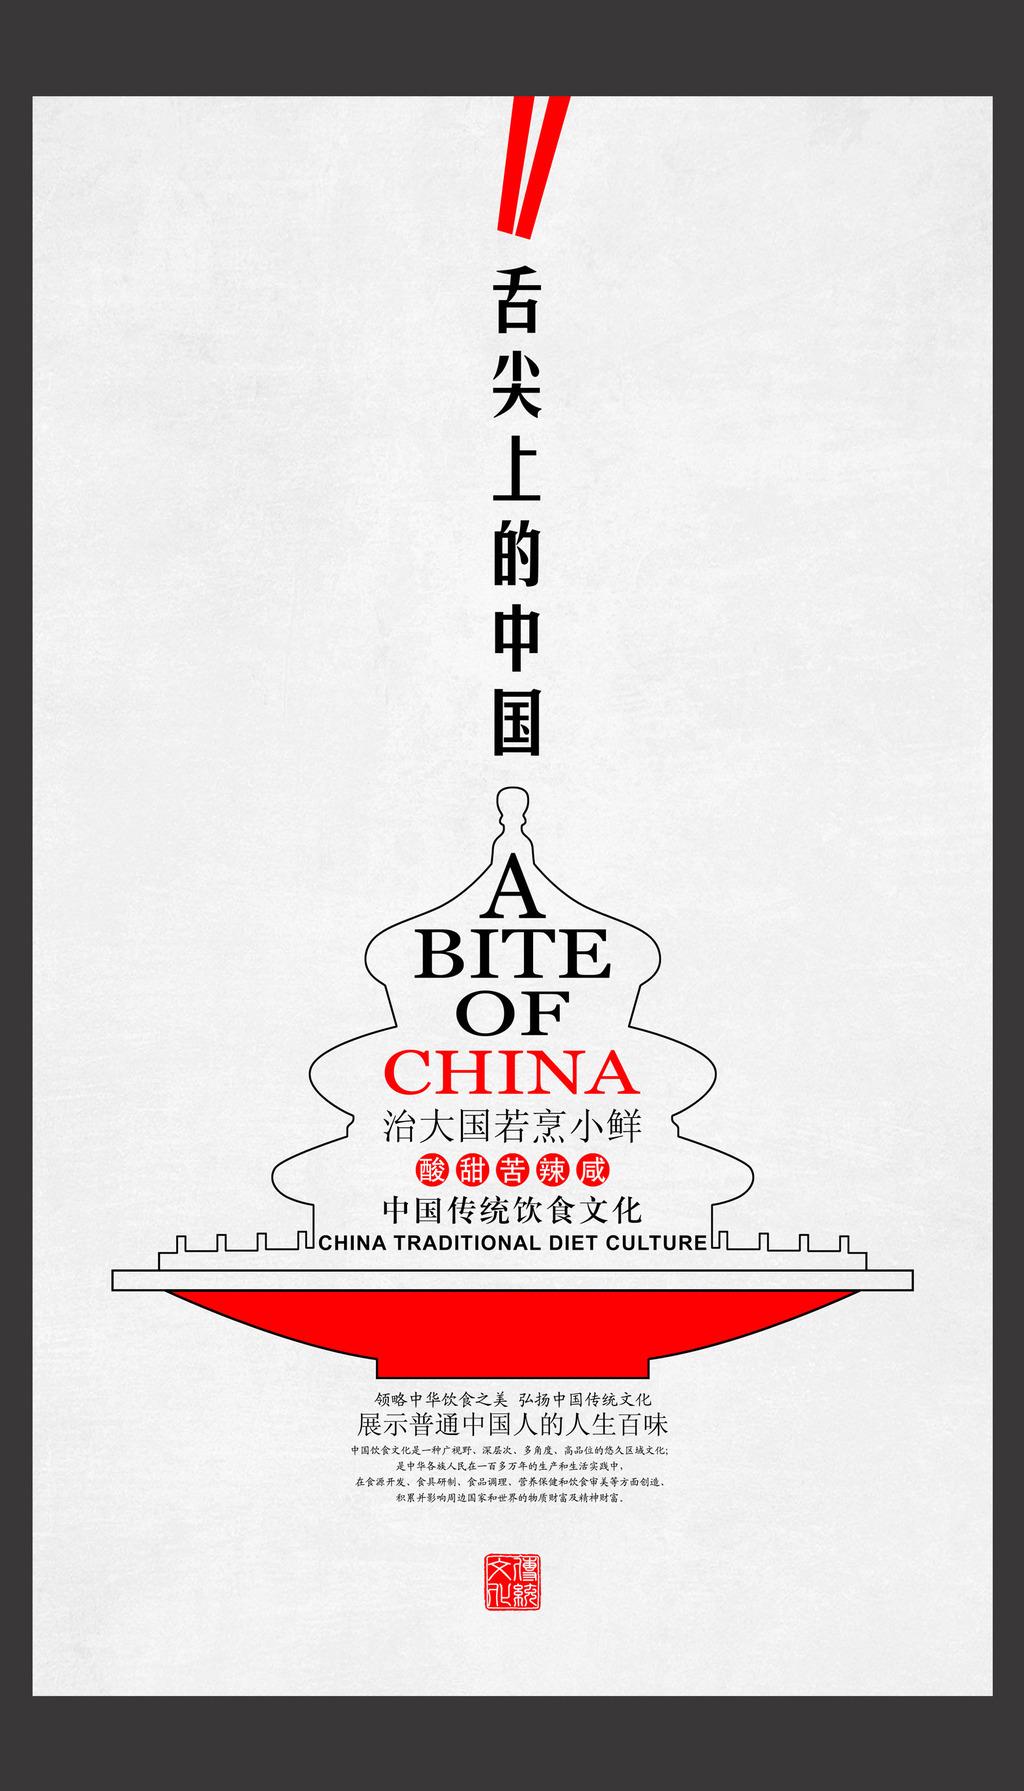 上的中国简约海报模板下载(图片编号:11958424)_海报 ...